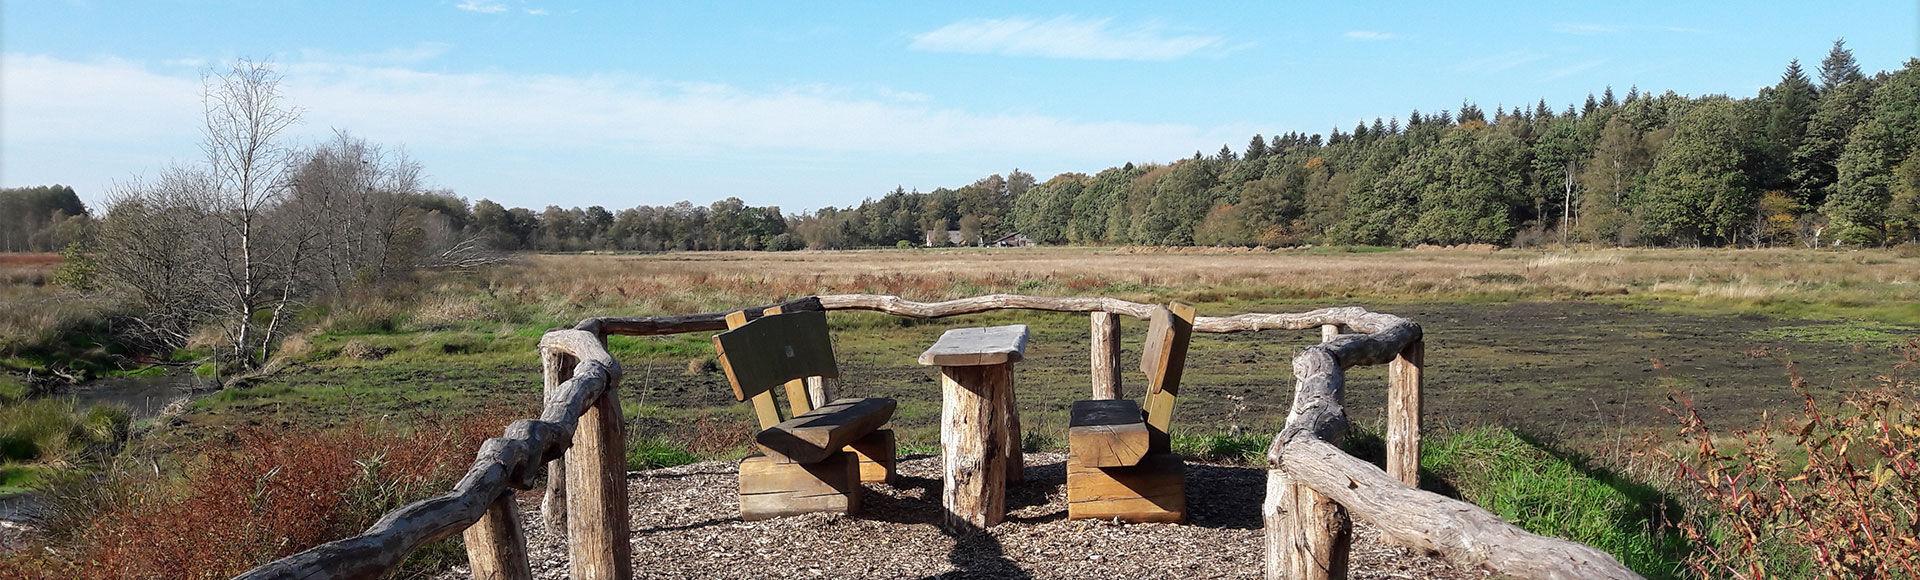 Landschaft der Gemeinde Moorweg